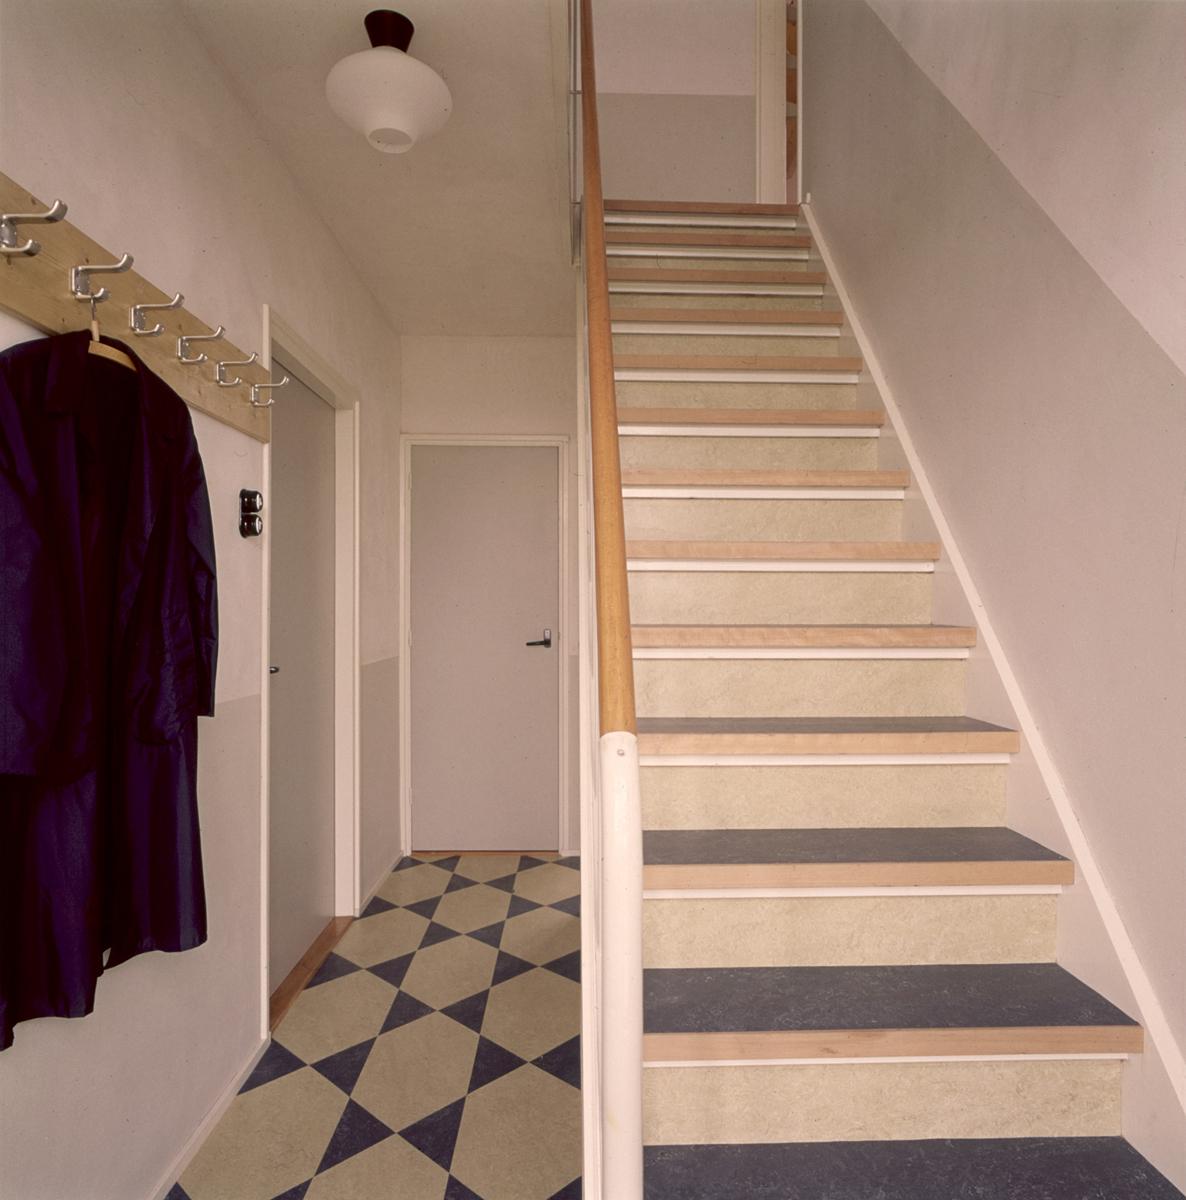 Vloerbedekking in een gang met een vaste trap de traptreden zijn bekleed met marmoleum in de for Schilderen voor gang d